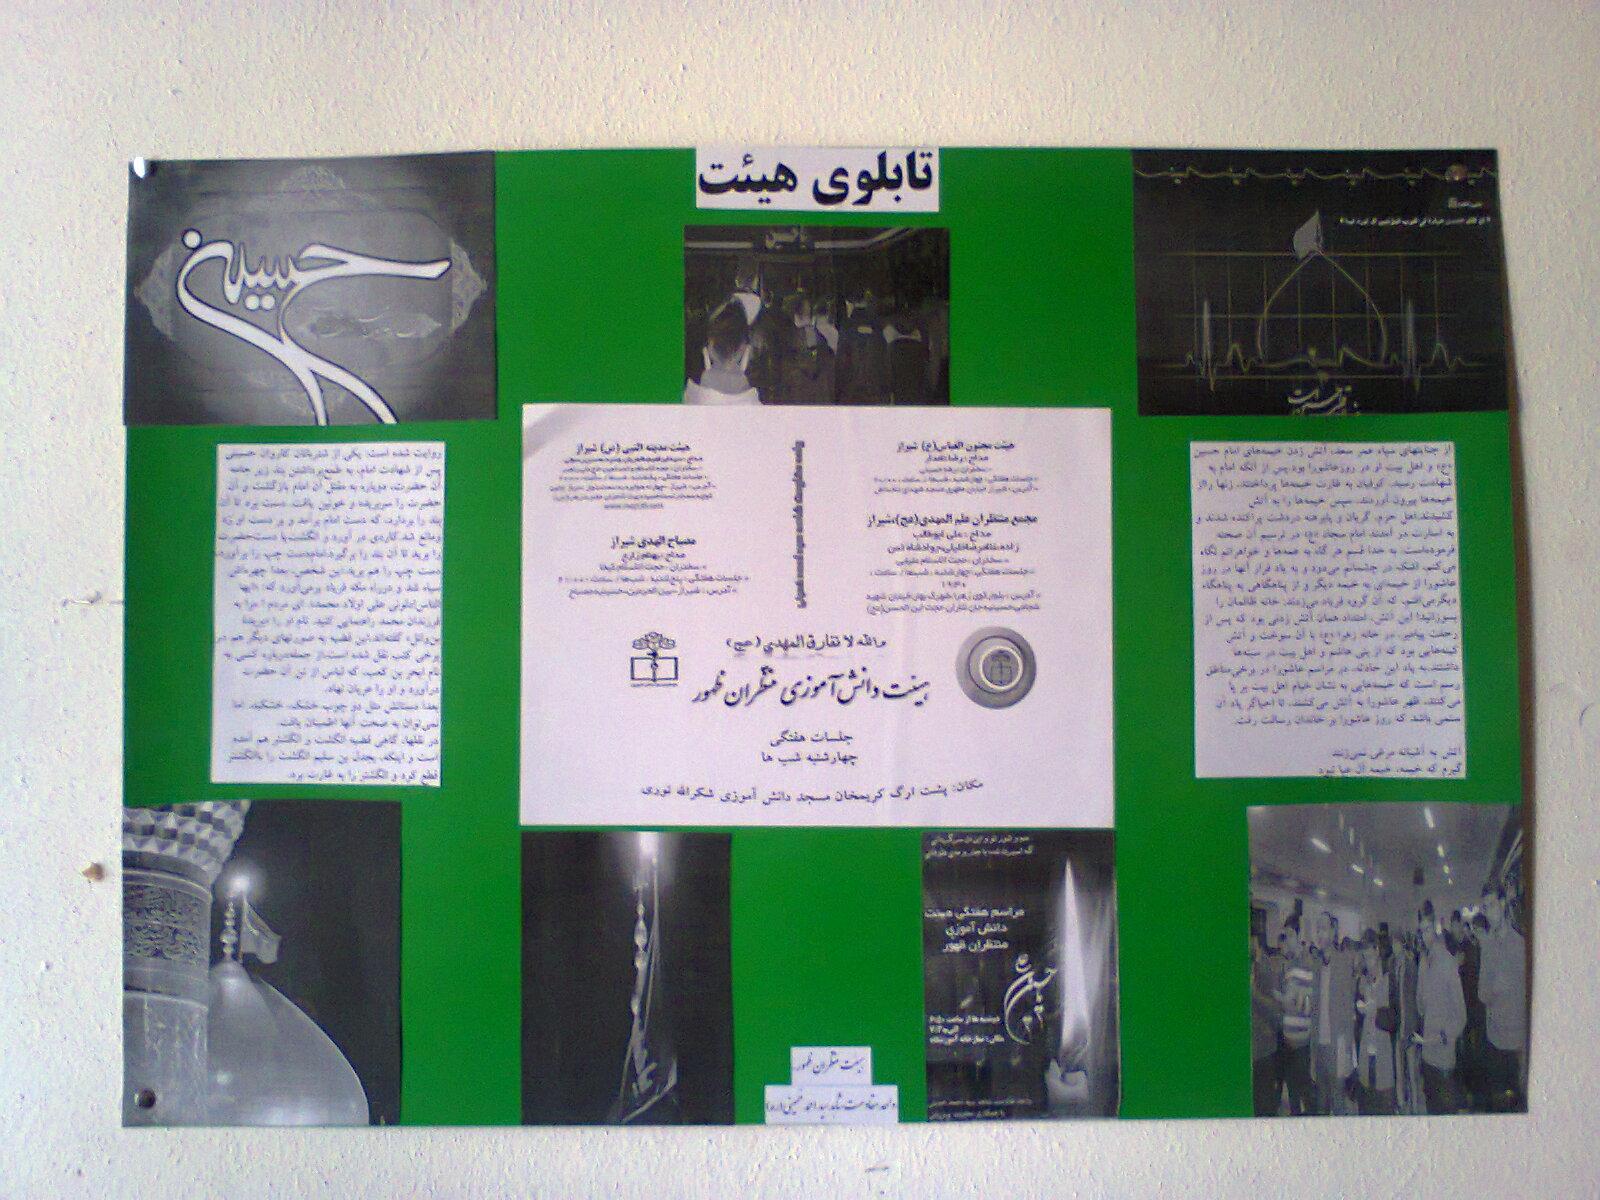 تابلوی هیئت منتظران ظهور - واحد شاهد سید احمد خمینی